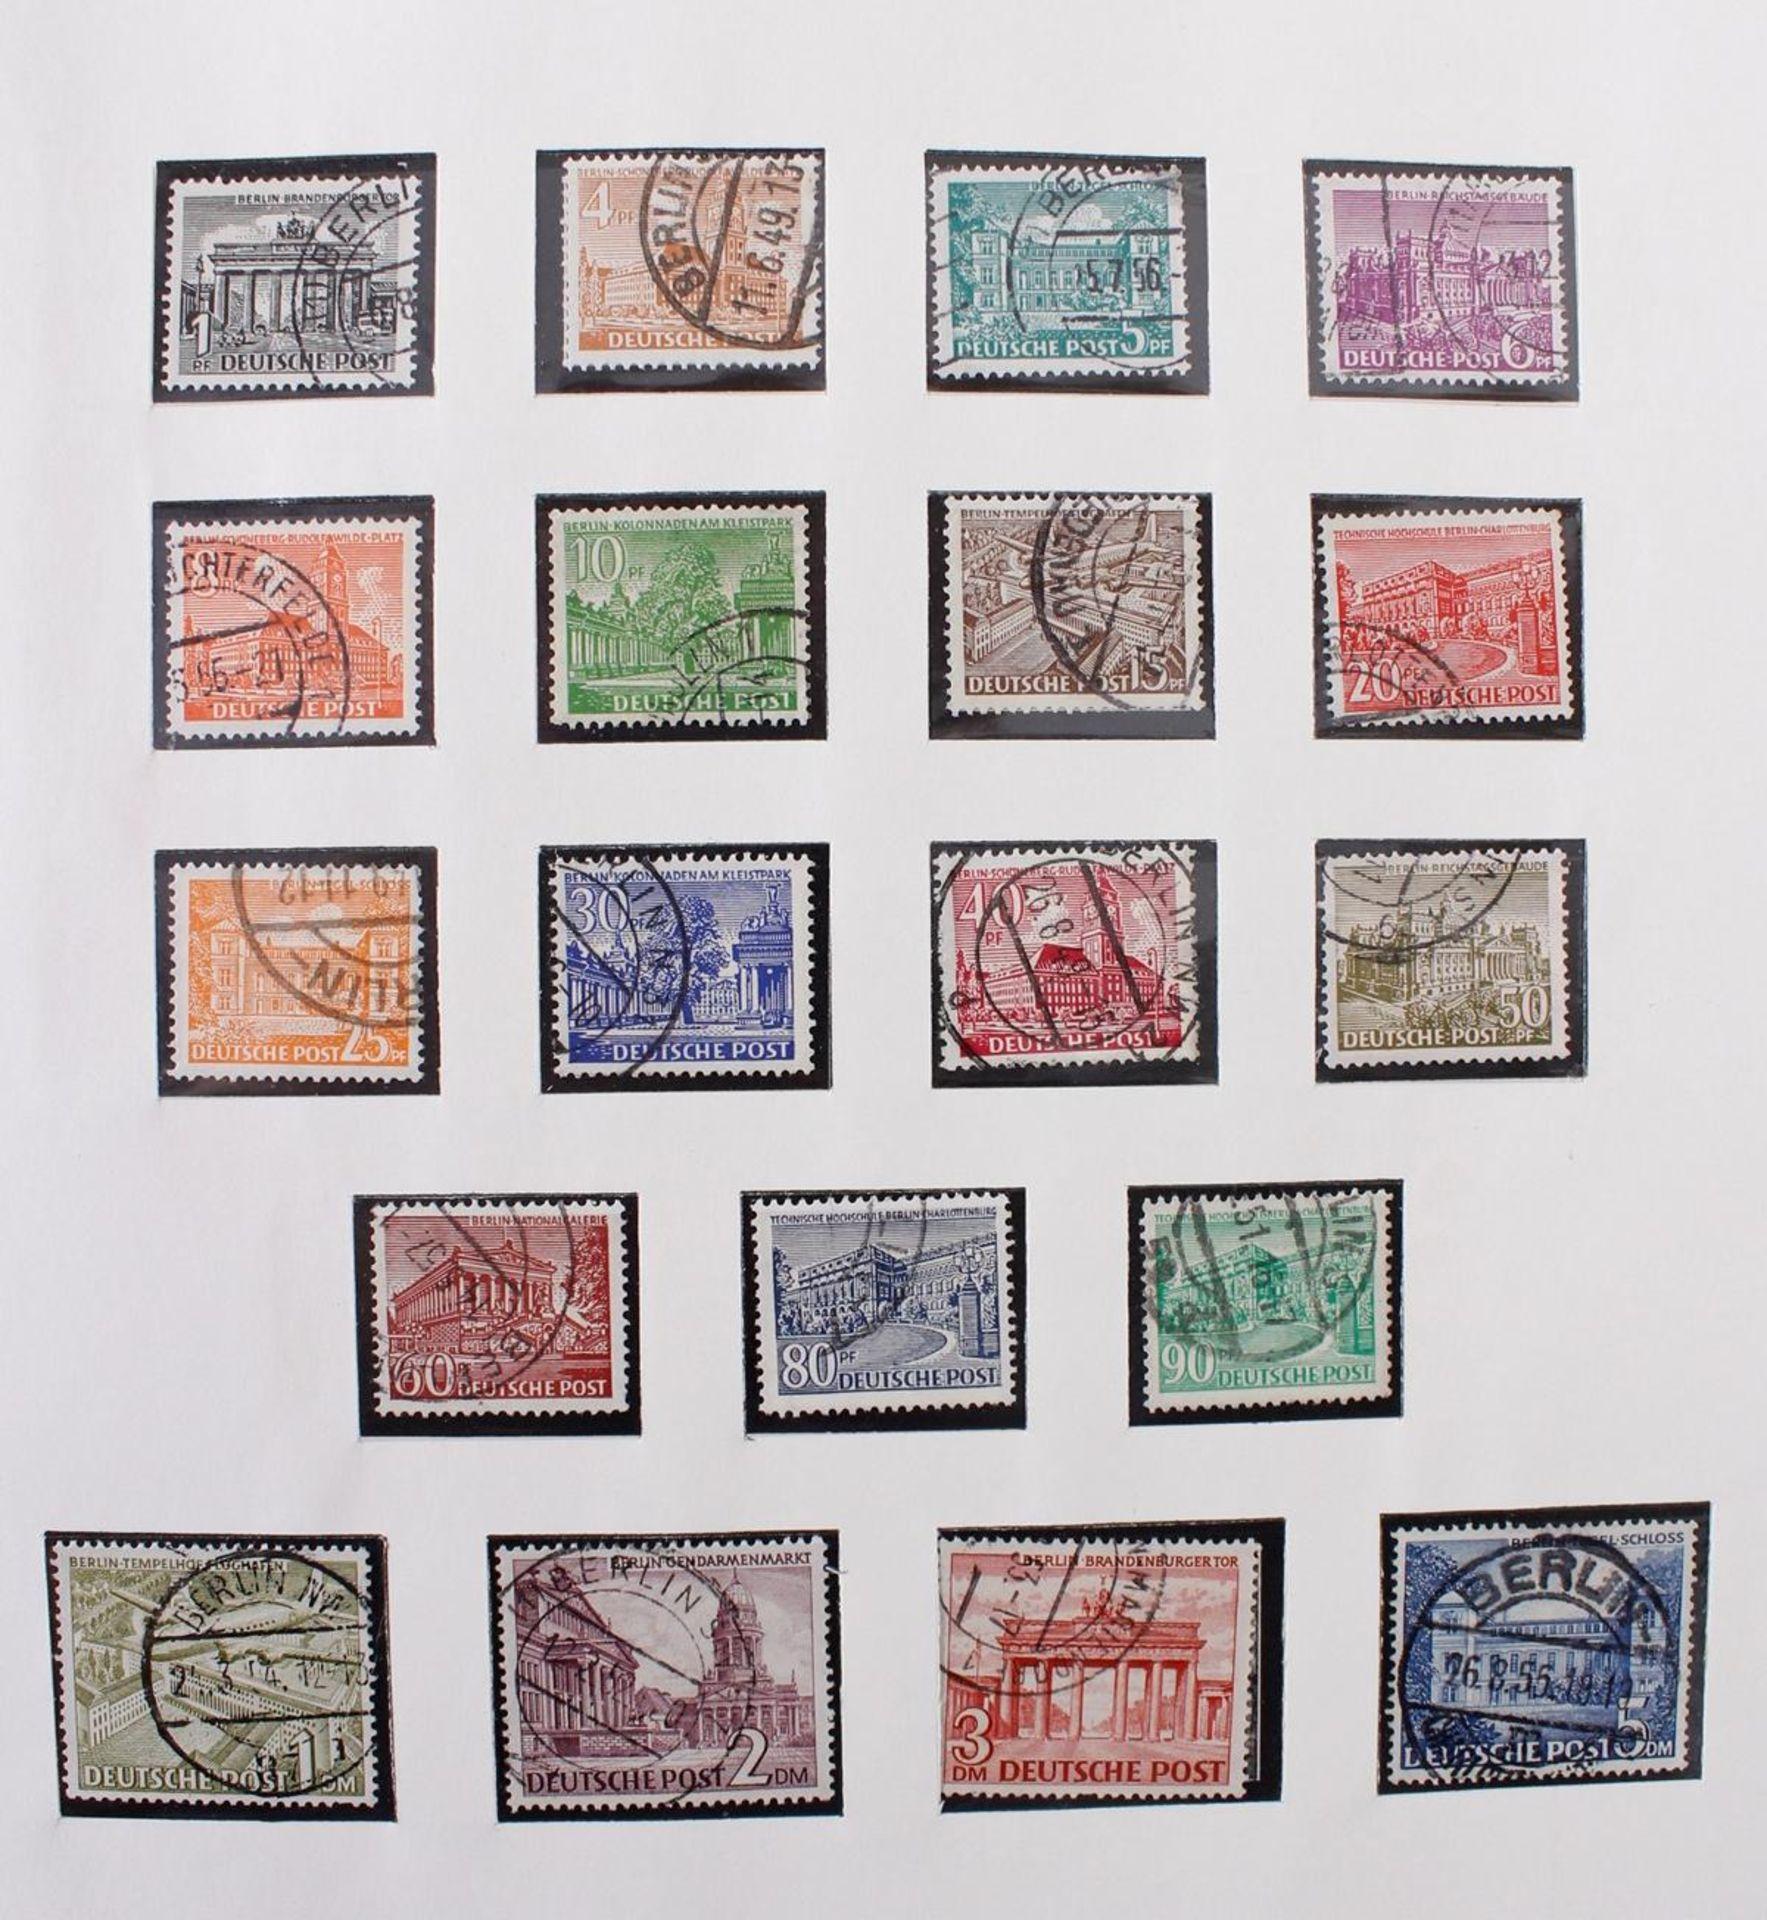 Berlin, 1948-1990 , gestempelt, Spitzensammlung! - Bild 5 aus 11